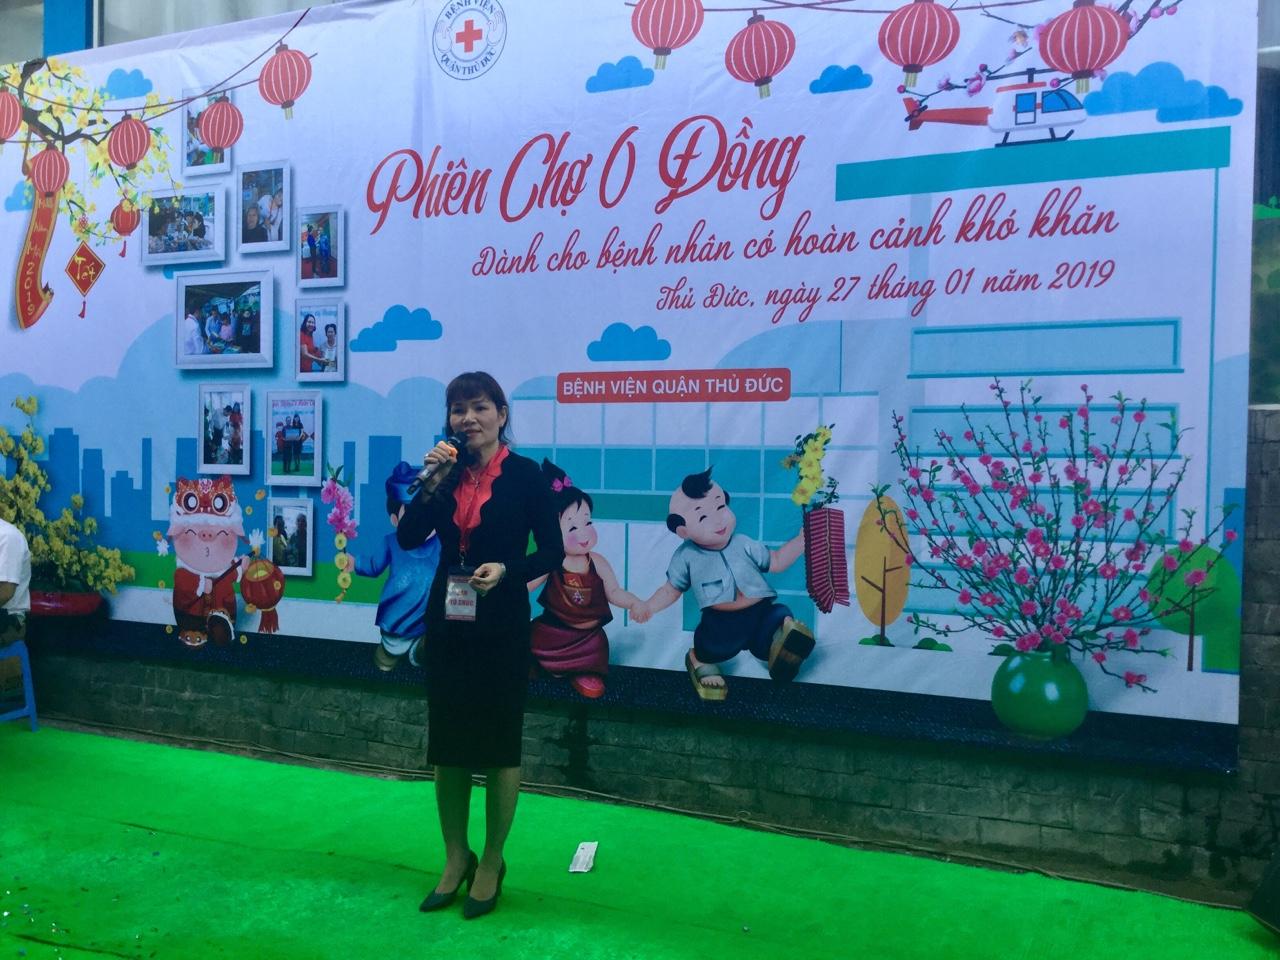 Bác sĩ Nguyễn Thị Ngọc, Phó giám đốc bệnh viện quận Thủ Đức phát biểu tại Phiên chợ 0 đồng